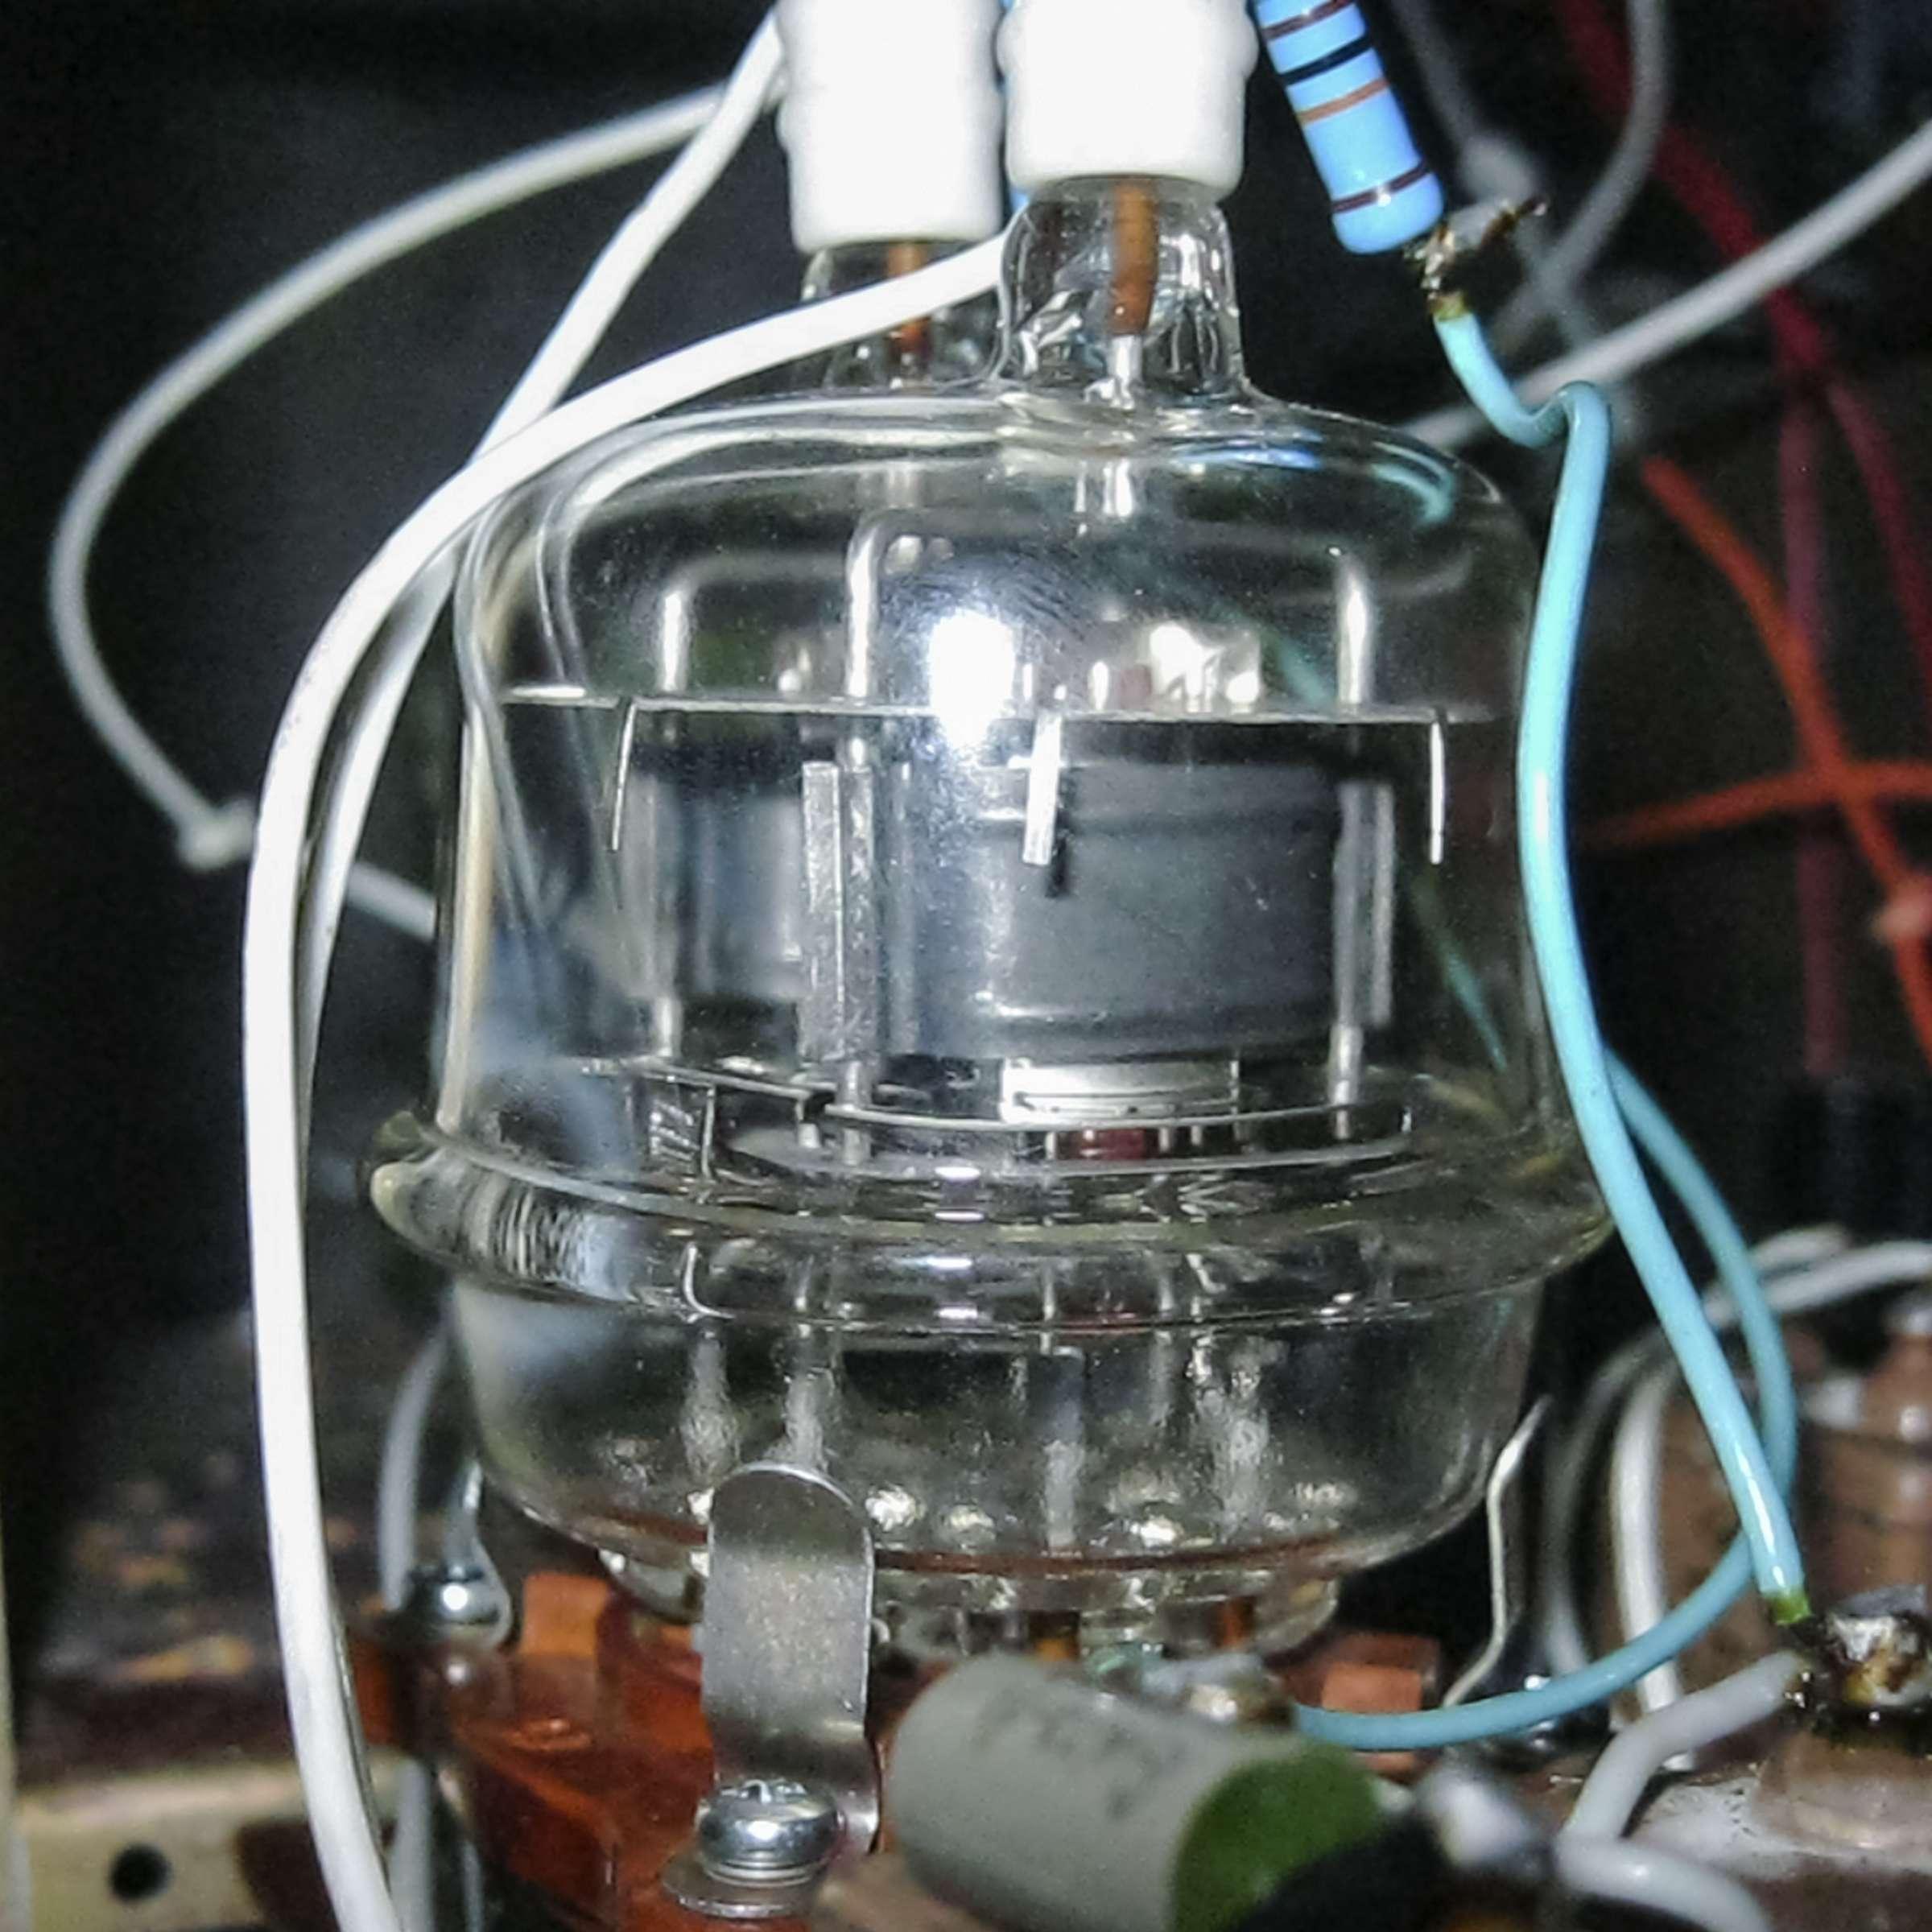 Внешний вид радиолампы ГУ-32 при проведении испытаний